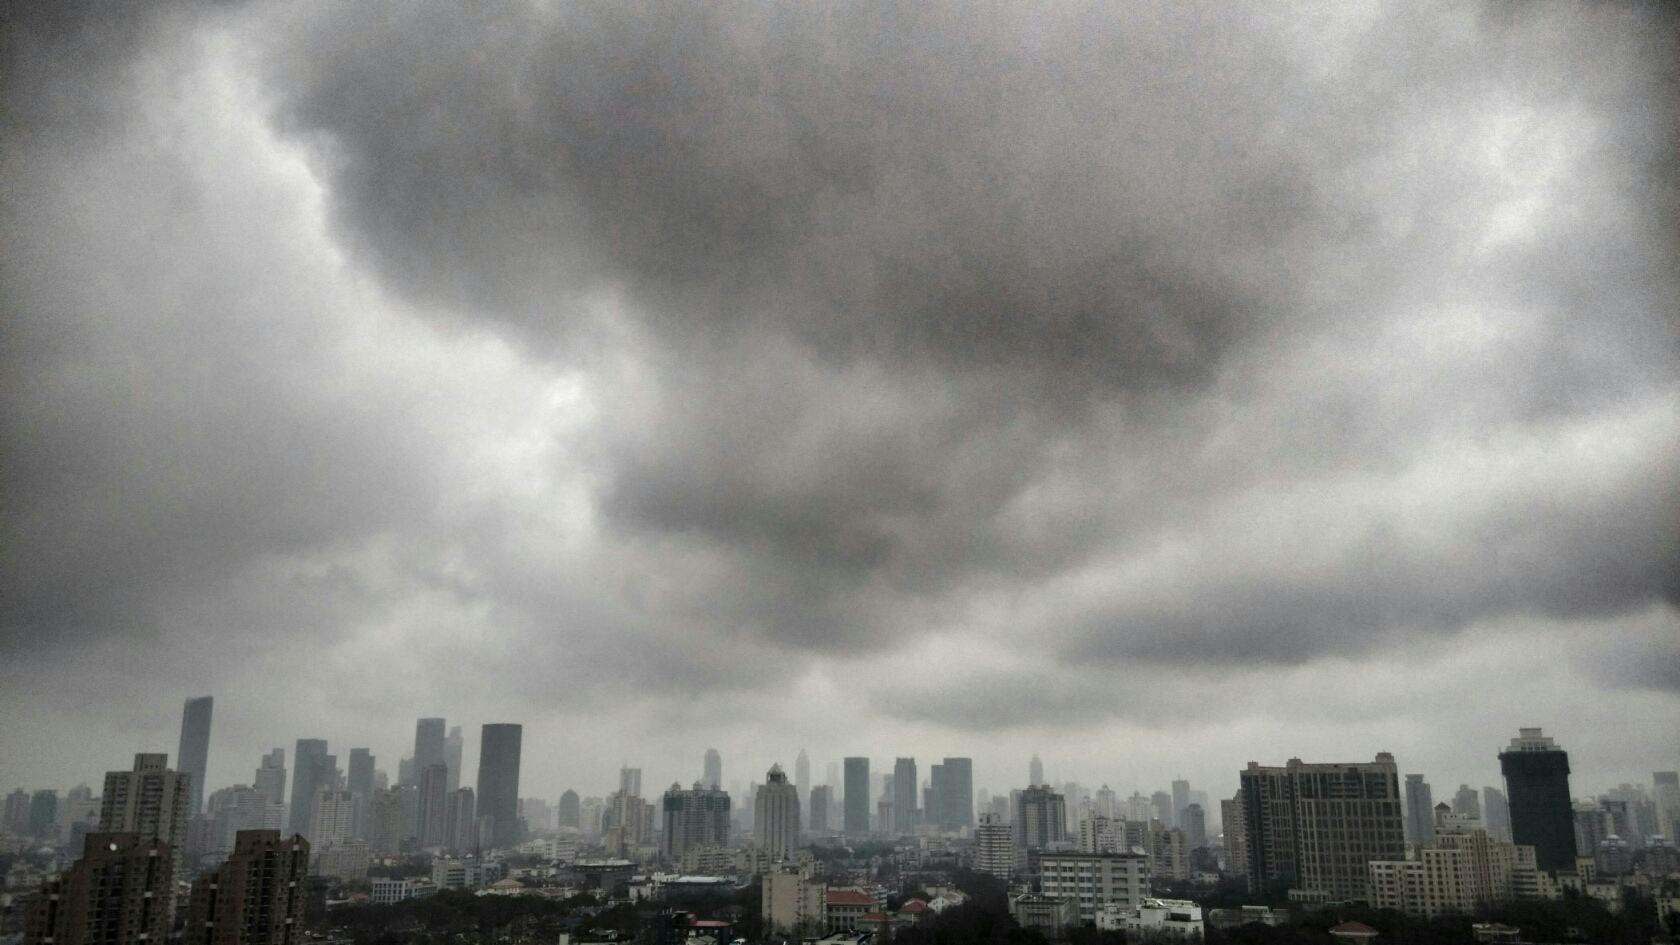 PM2.5污染已经进入高发期保障呼吸健康很重要